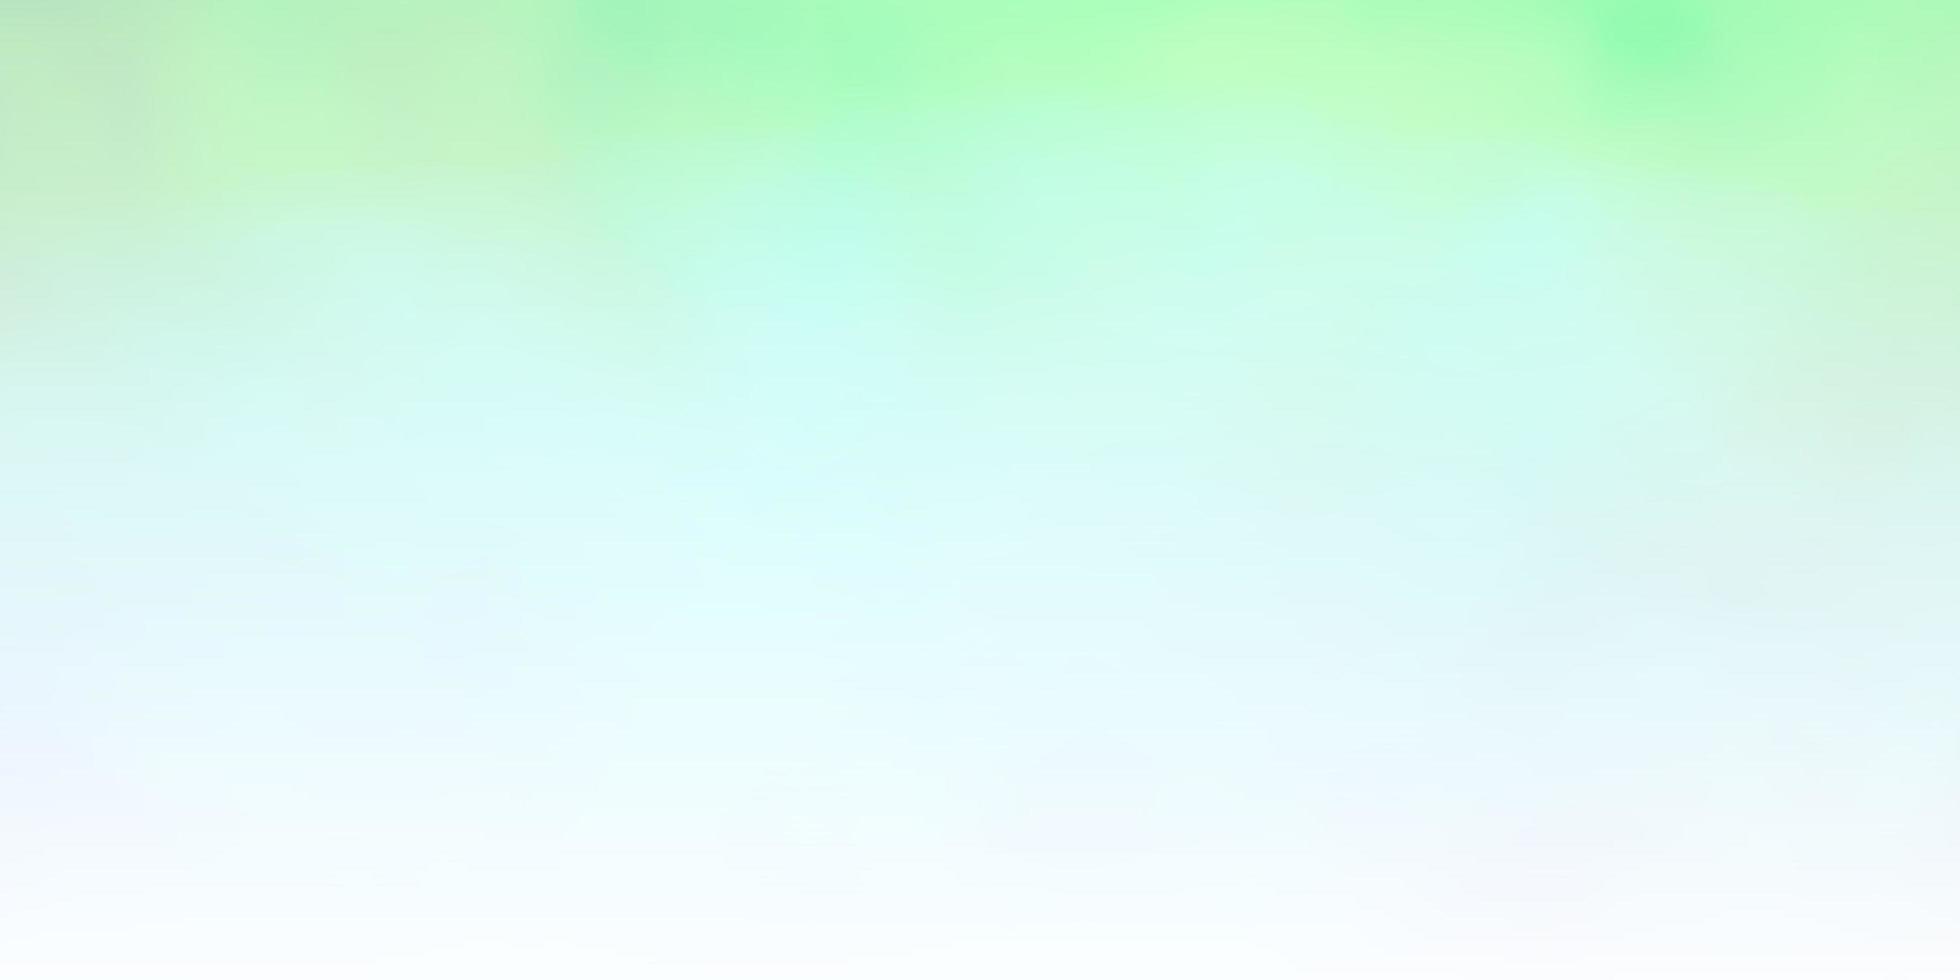 modello verde chiaro con cielo, nuvole. vettore